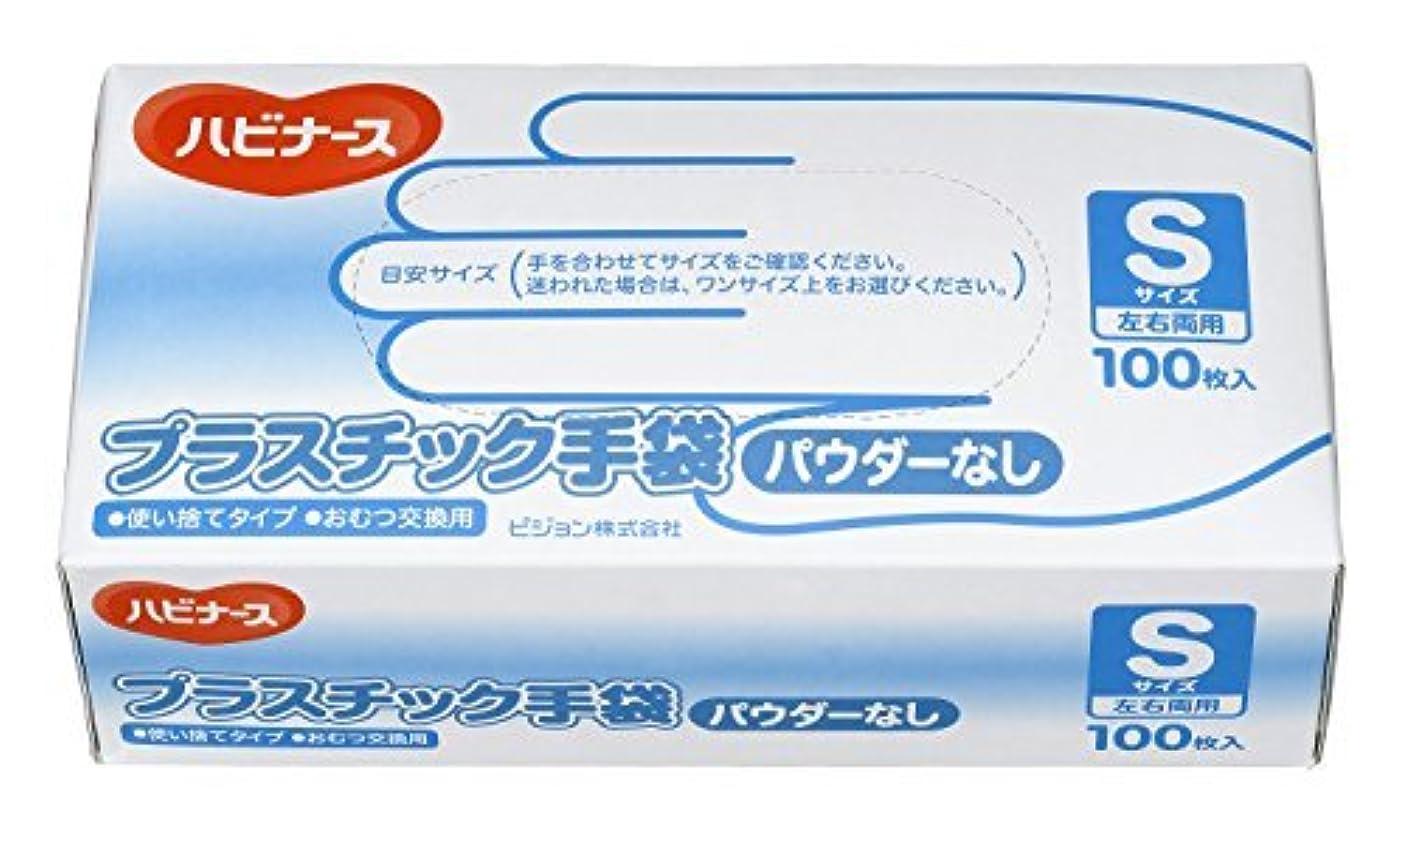 自発的虎気を散らすハビナース プラスチック手袋 Sサイズ パウダーなし 100枚入 ?おまとめセット【6個】?